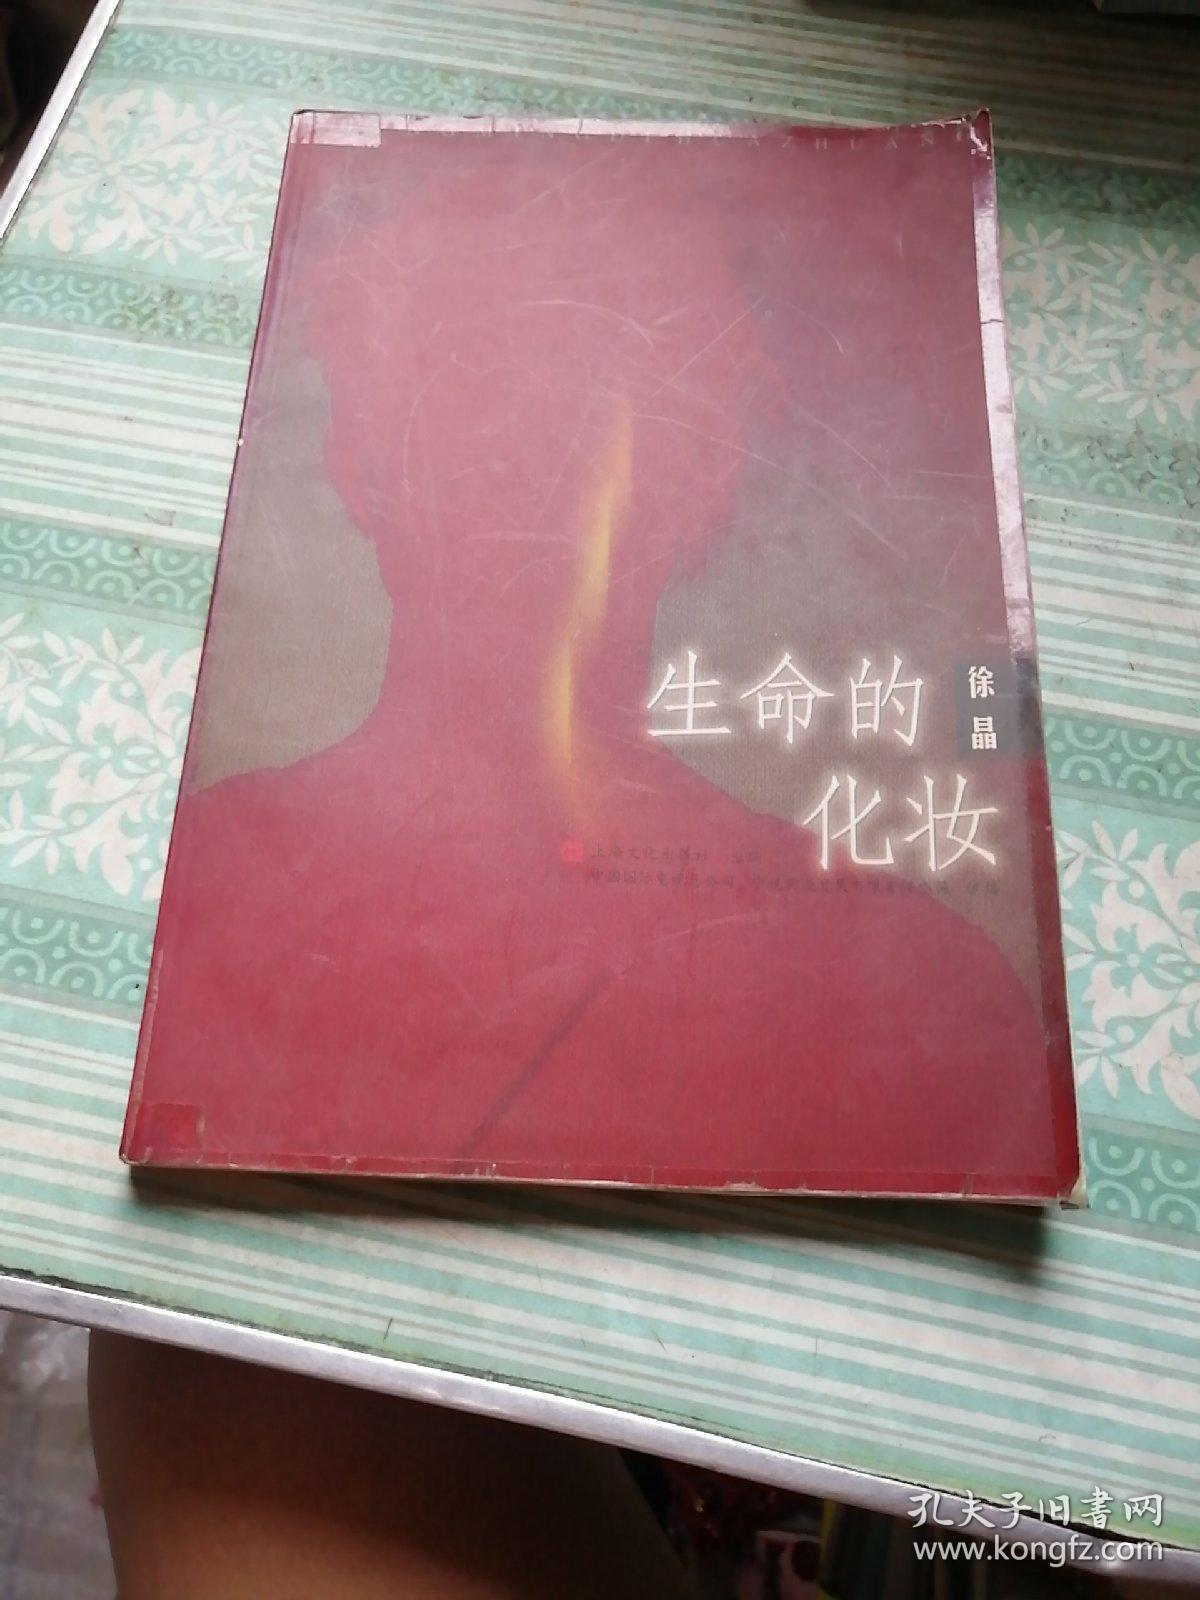 生命的化妆     书的封面封底边上粘有不干胶见图1、2。